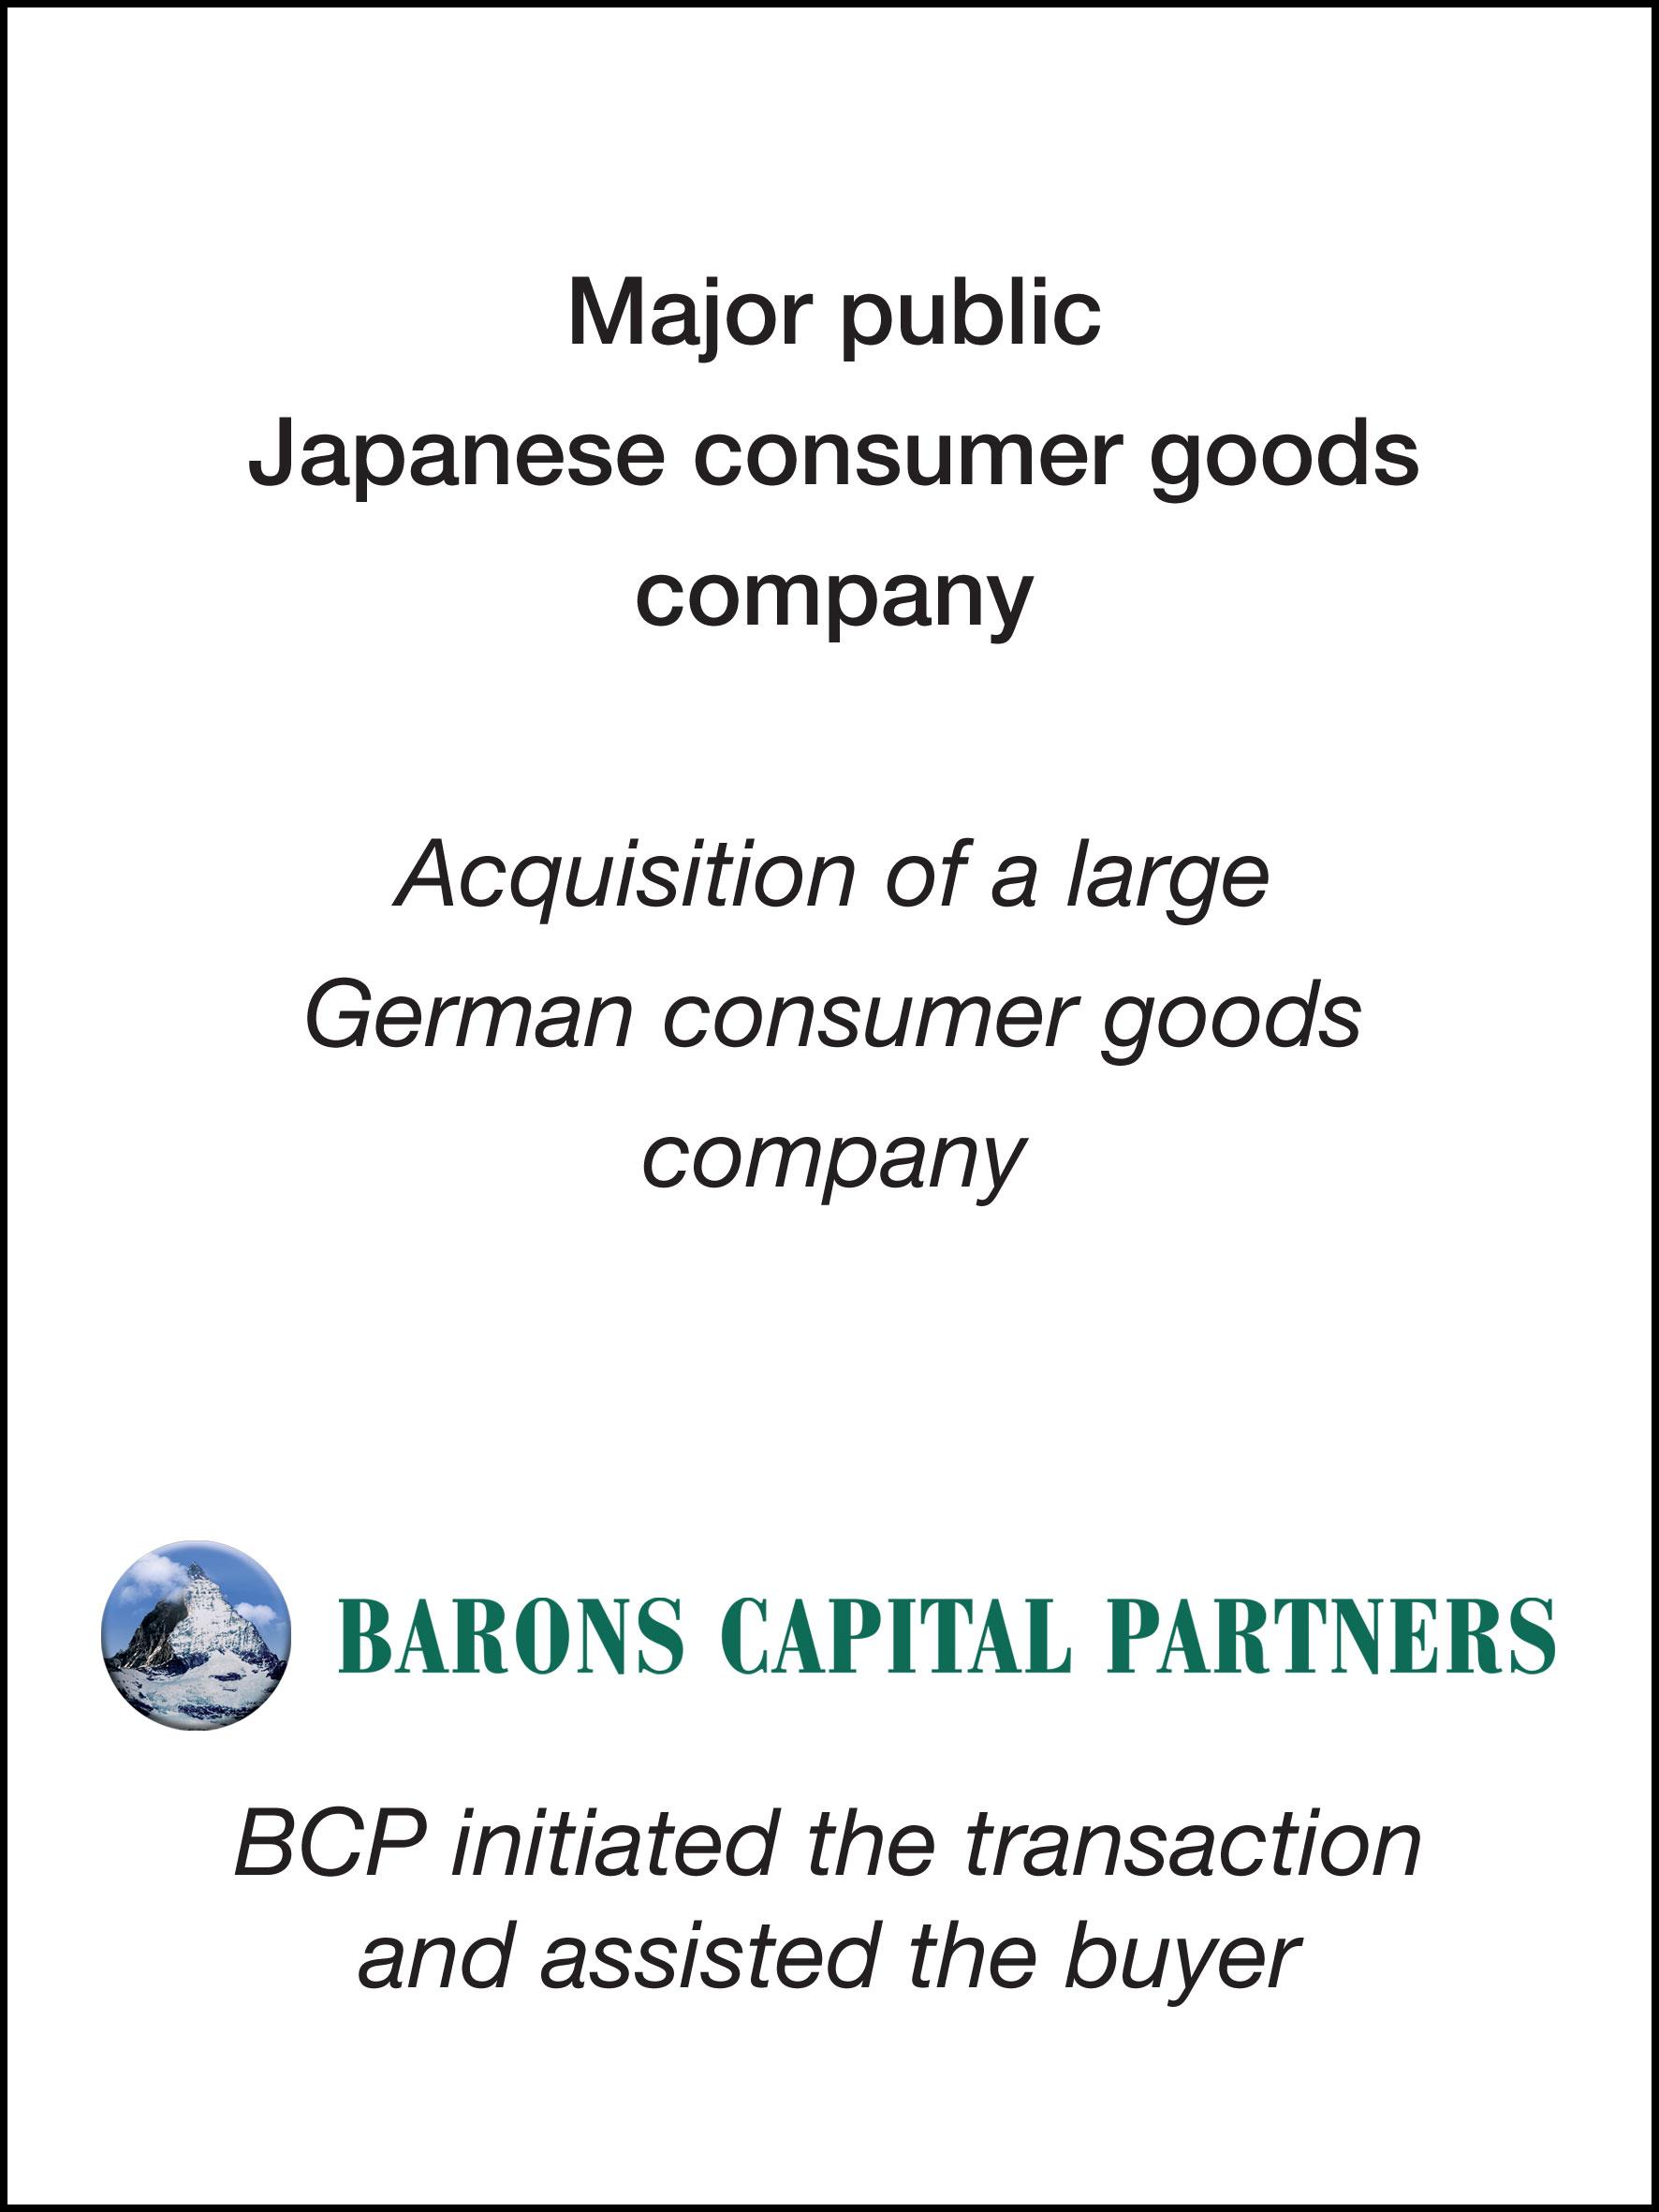 54_Major public Japanese consumer goods company